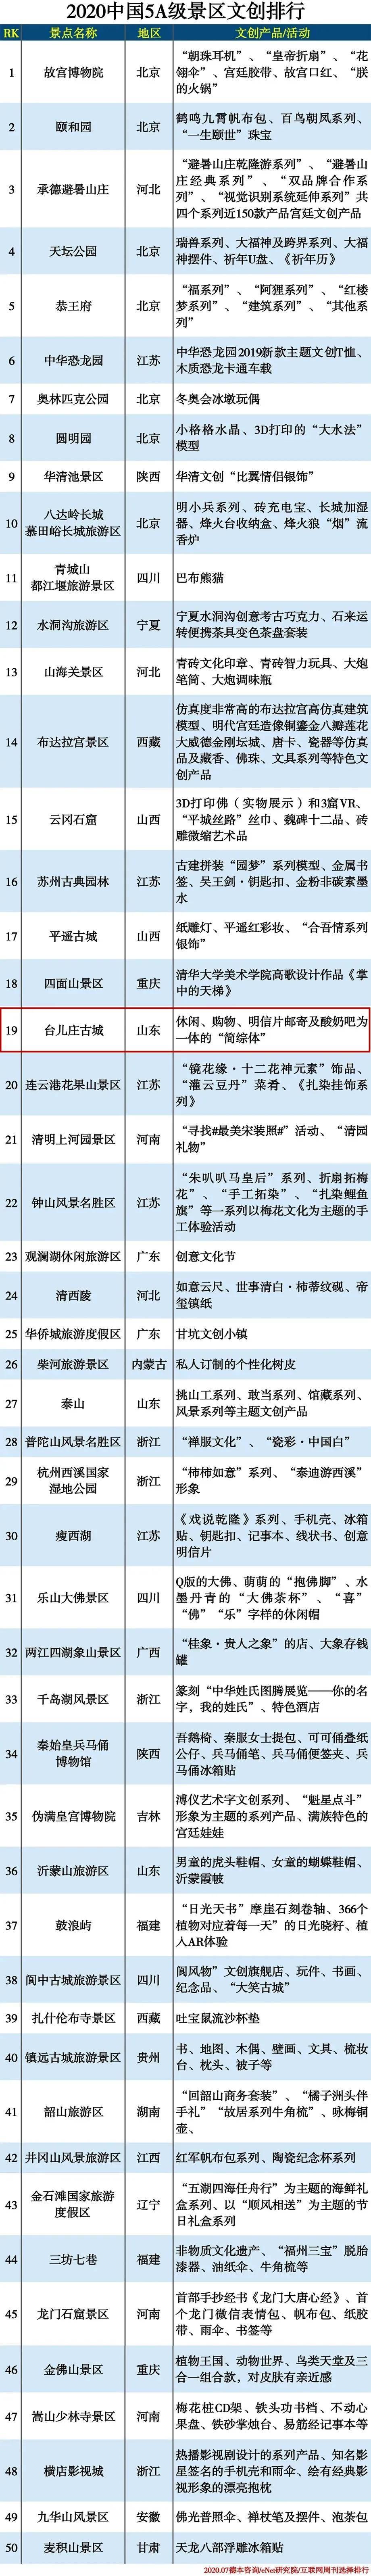 2020中国5A级景区文创排行榜公布,台儿庄古城位列第19名